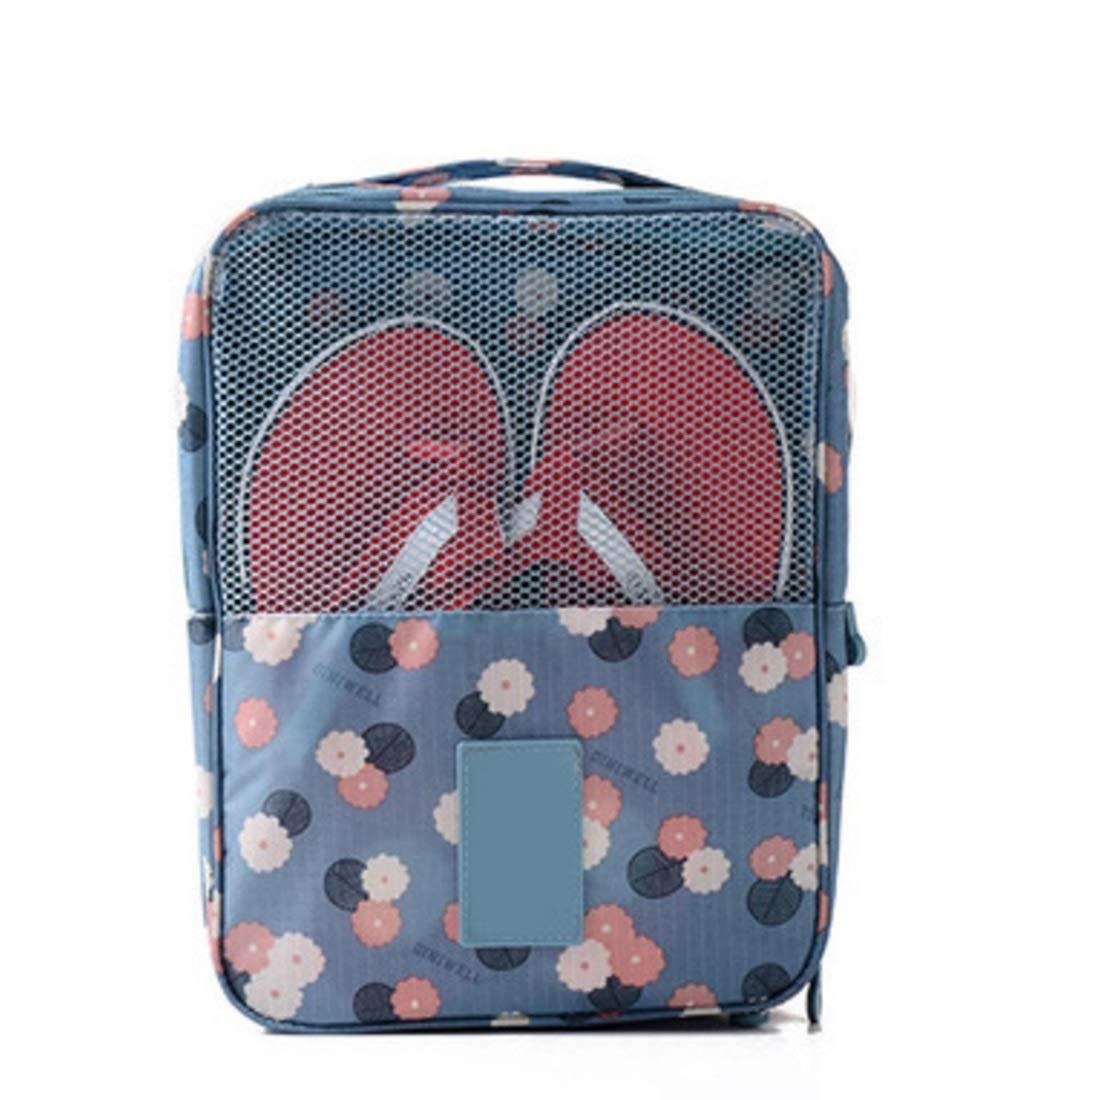 Lieyliso Bolsos de Viaje port/átiles Bolsos Organizador de Zapatos Bolsa de Almacenamiento para Viajes Diarios Color : Blue Daisy